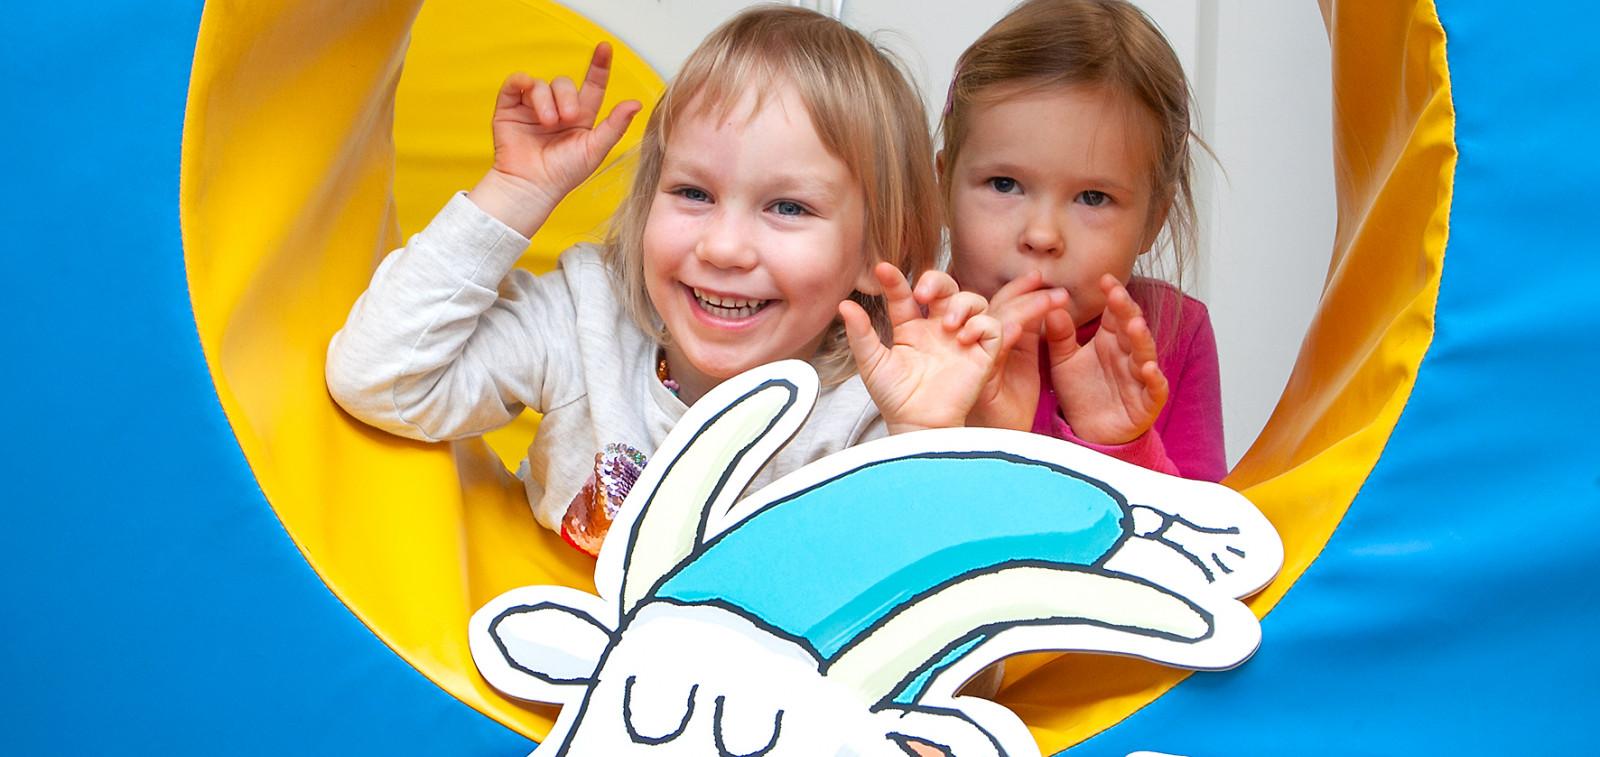 Lapset iloitsevat xylitolipastillilahjoituksesta